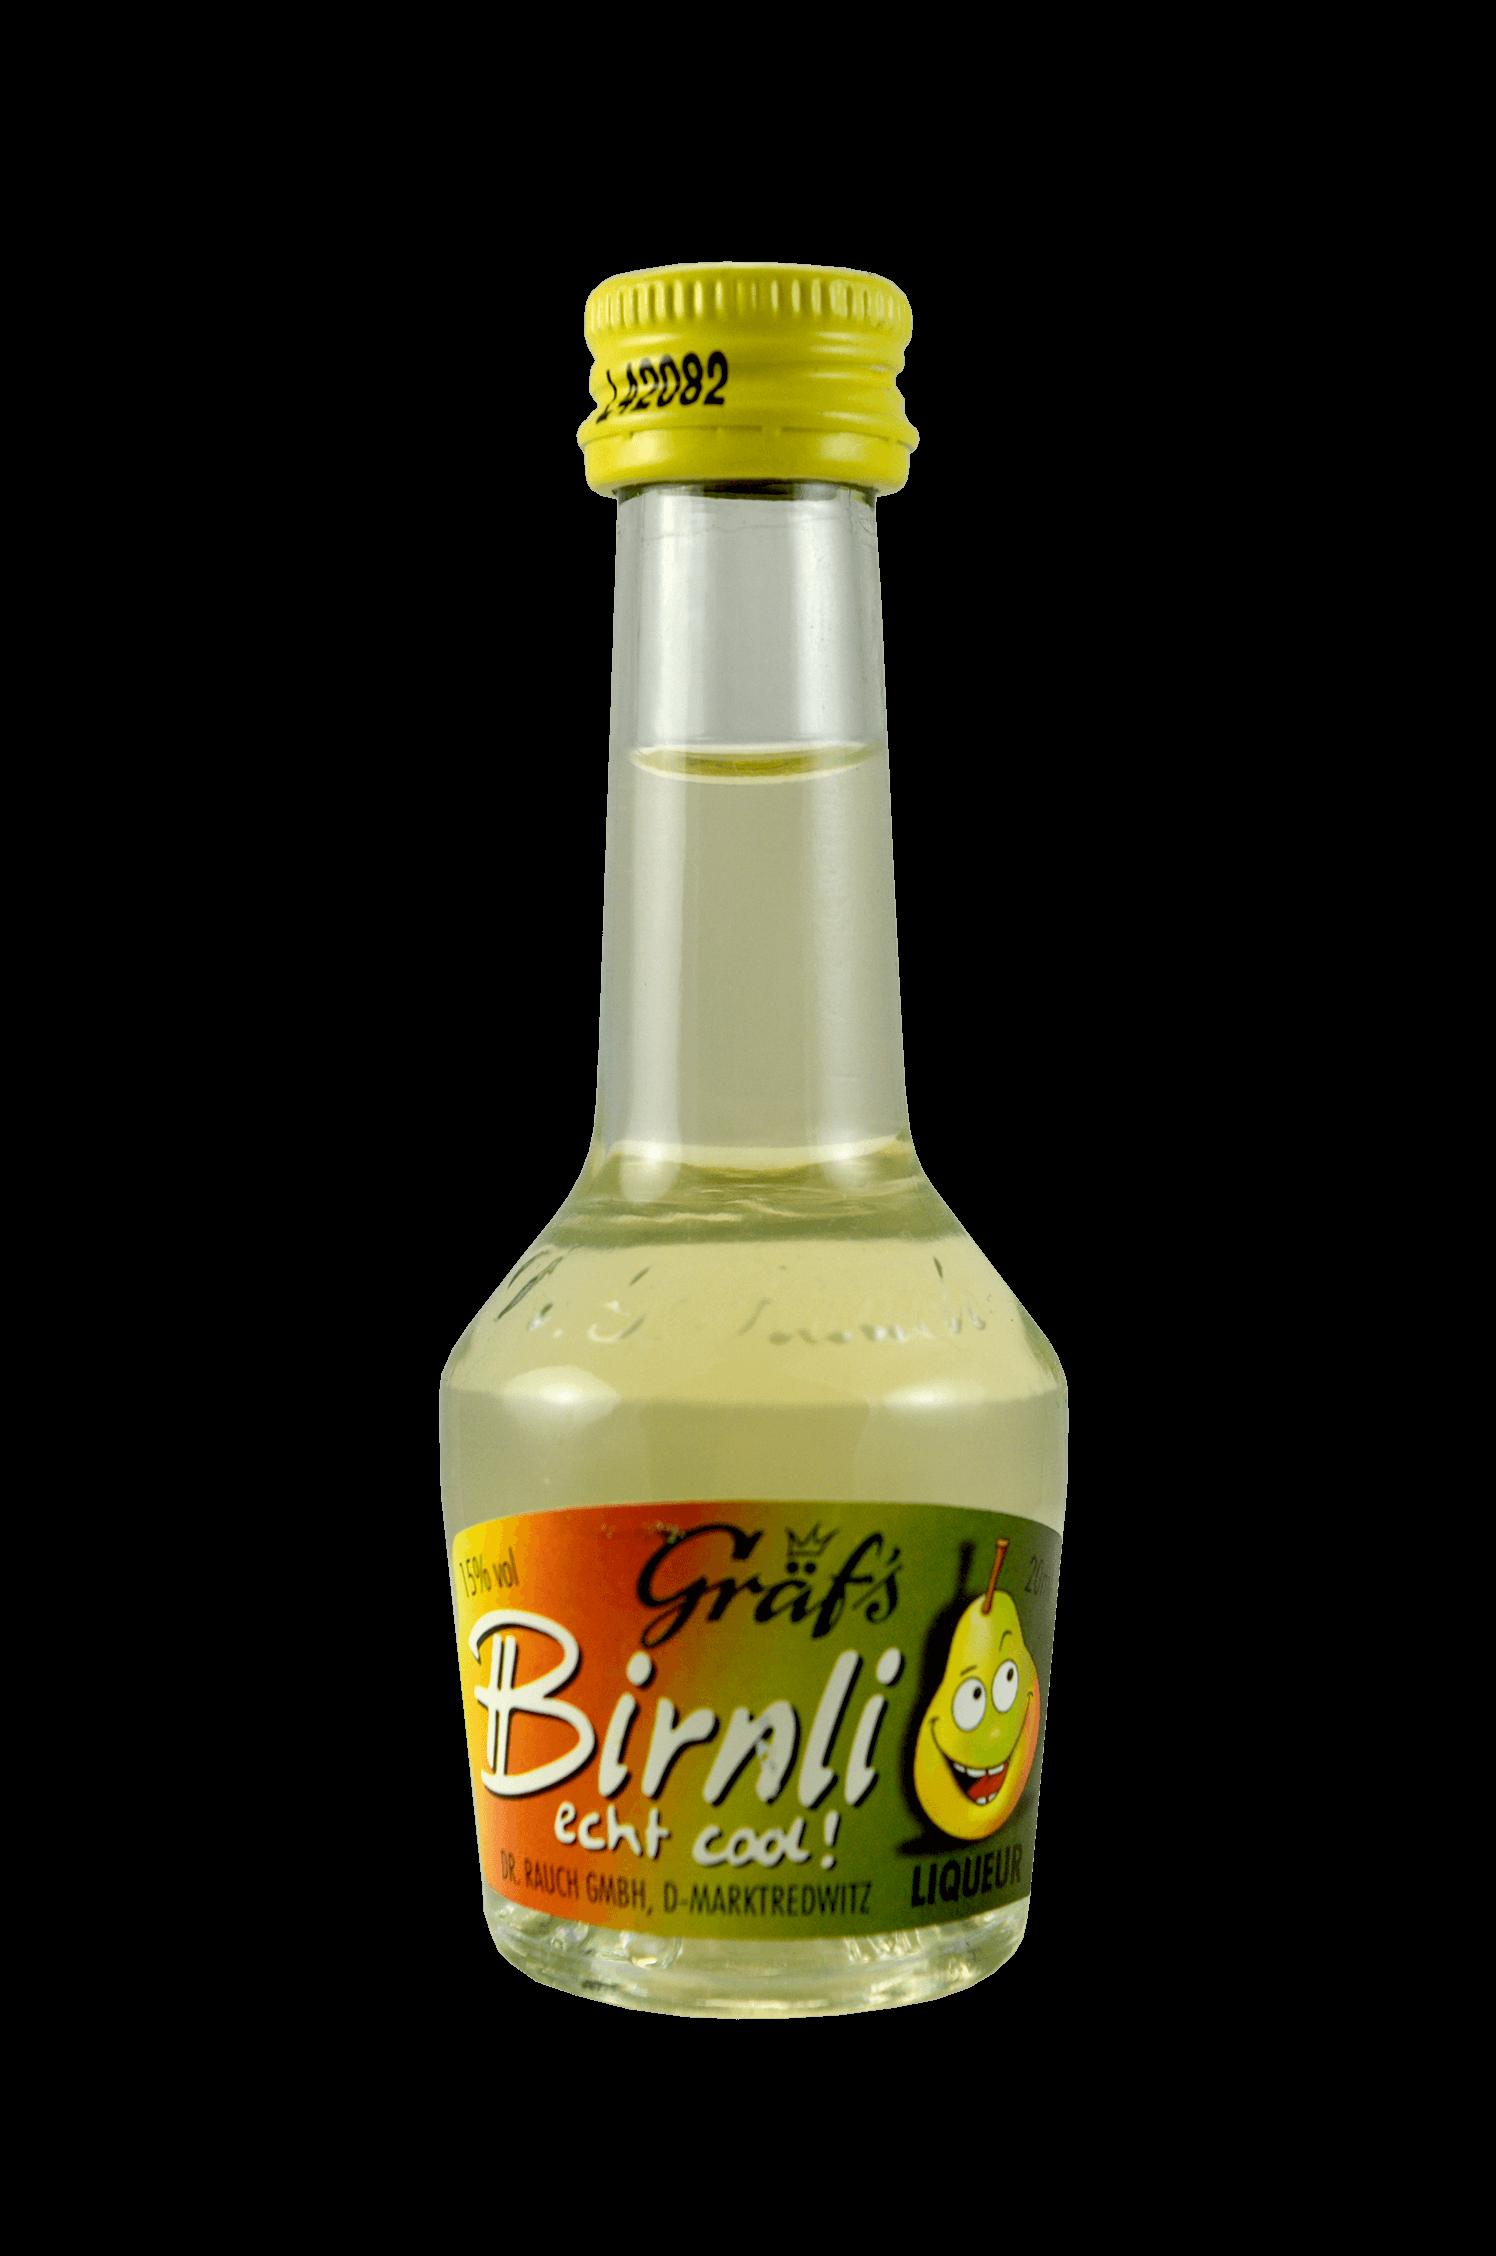 Birnli Echt Cool Liqueur